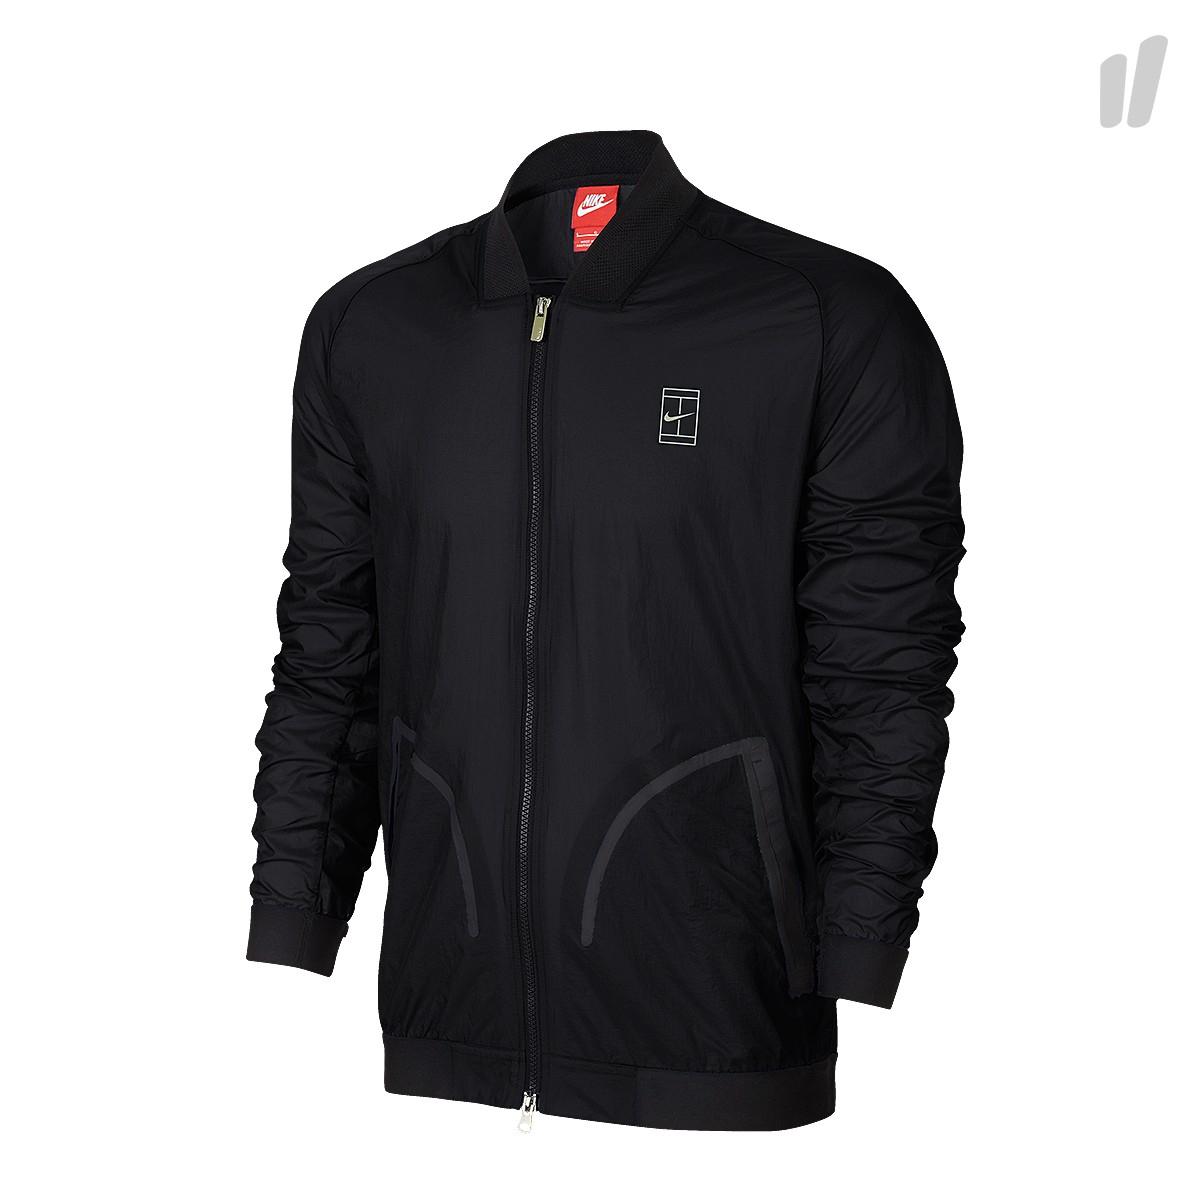 Nike Court Bomber Jacket Schwarz in XL und 2XL für 39,97€ inkl. Versand statt 74,99€ bei HHV.de